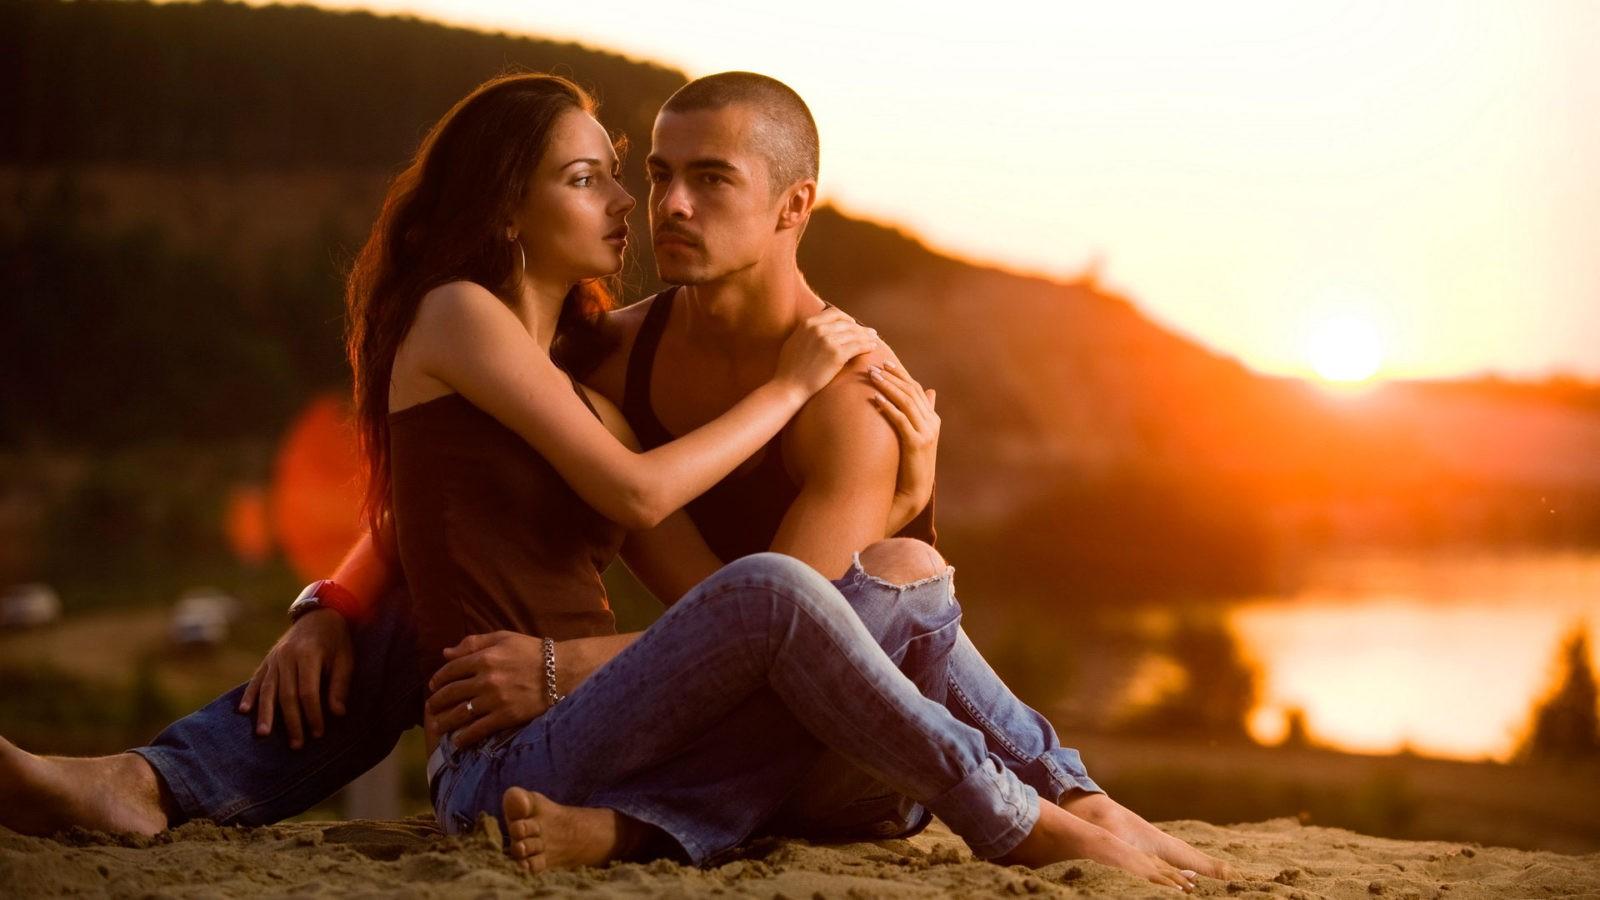 Рыжей, романтик картинки любовь